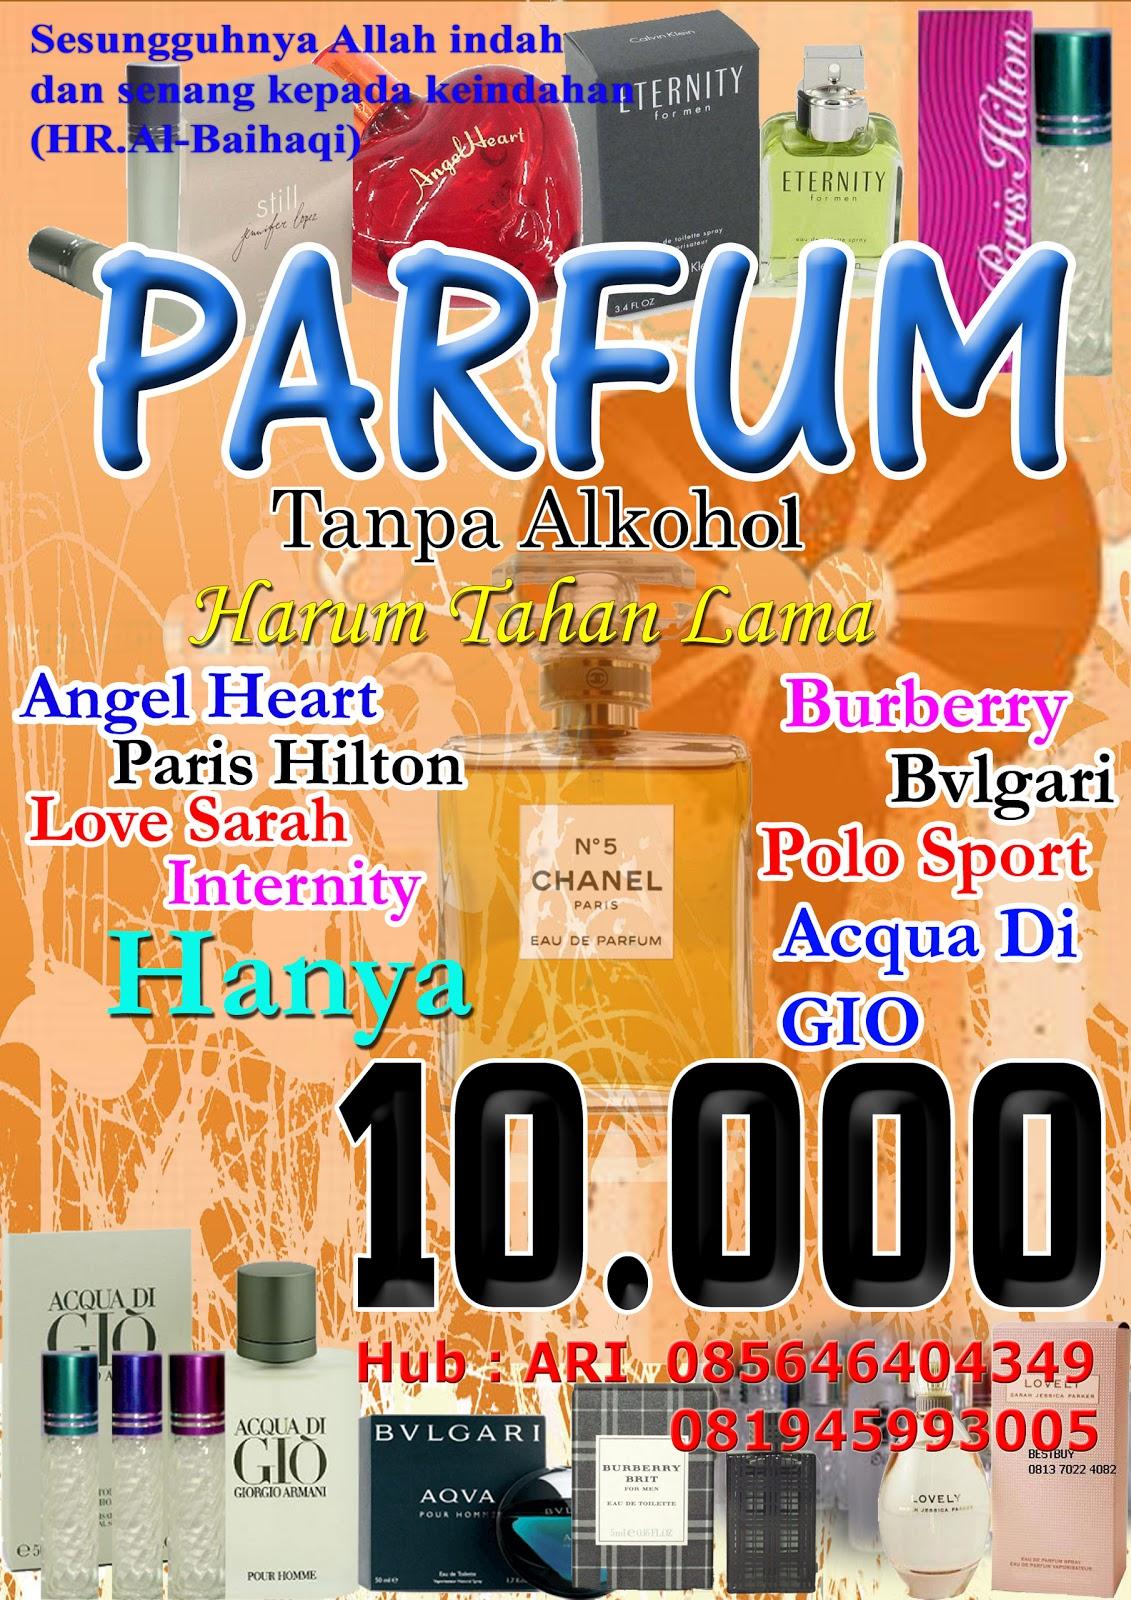 Go Parfum Non Alkohol